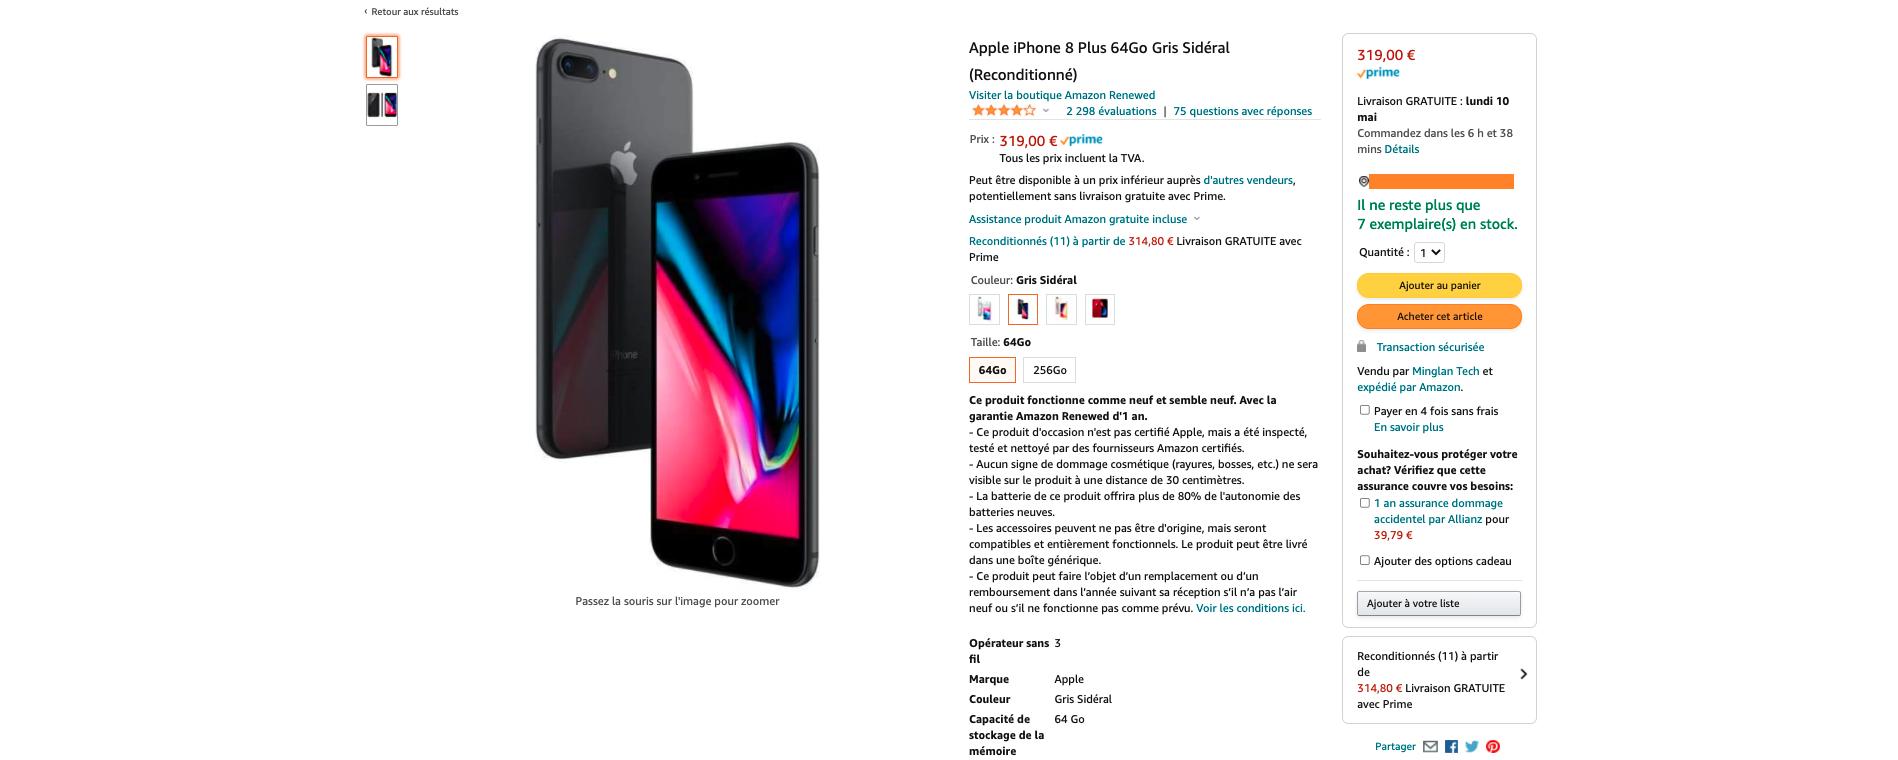 iPhone 8 reconditionné 8 Amazon renewed